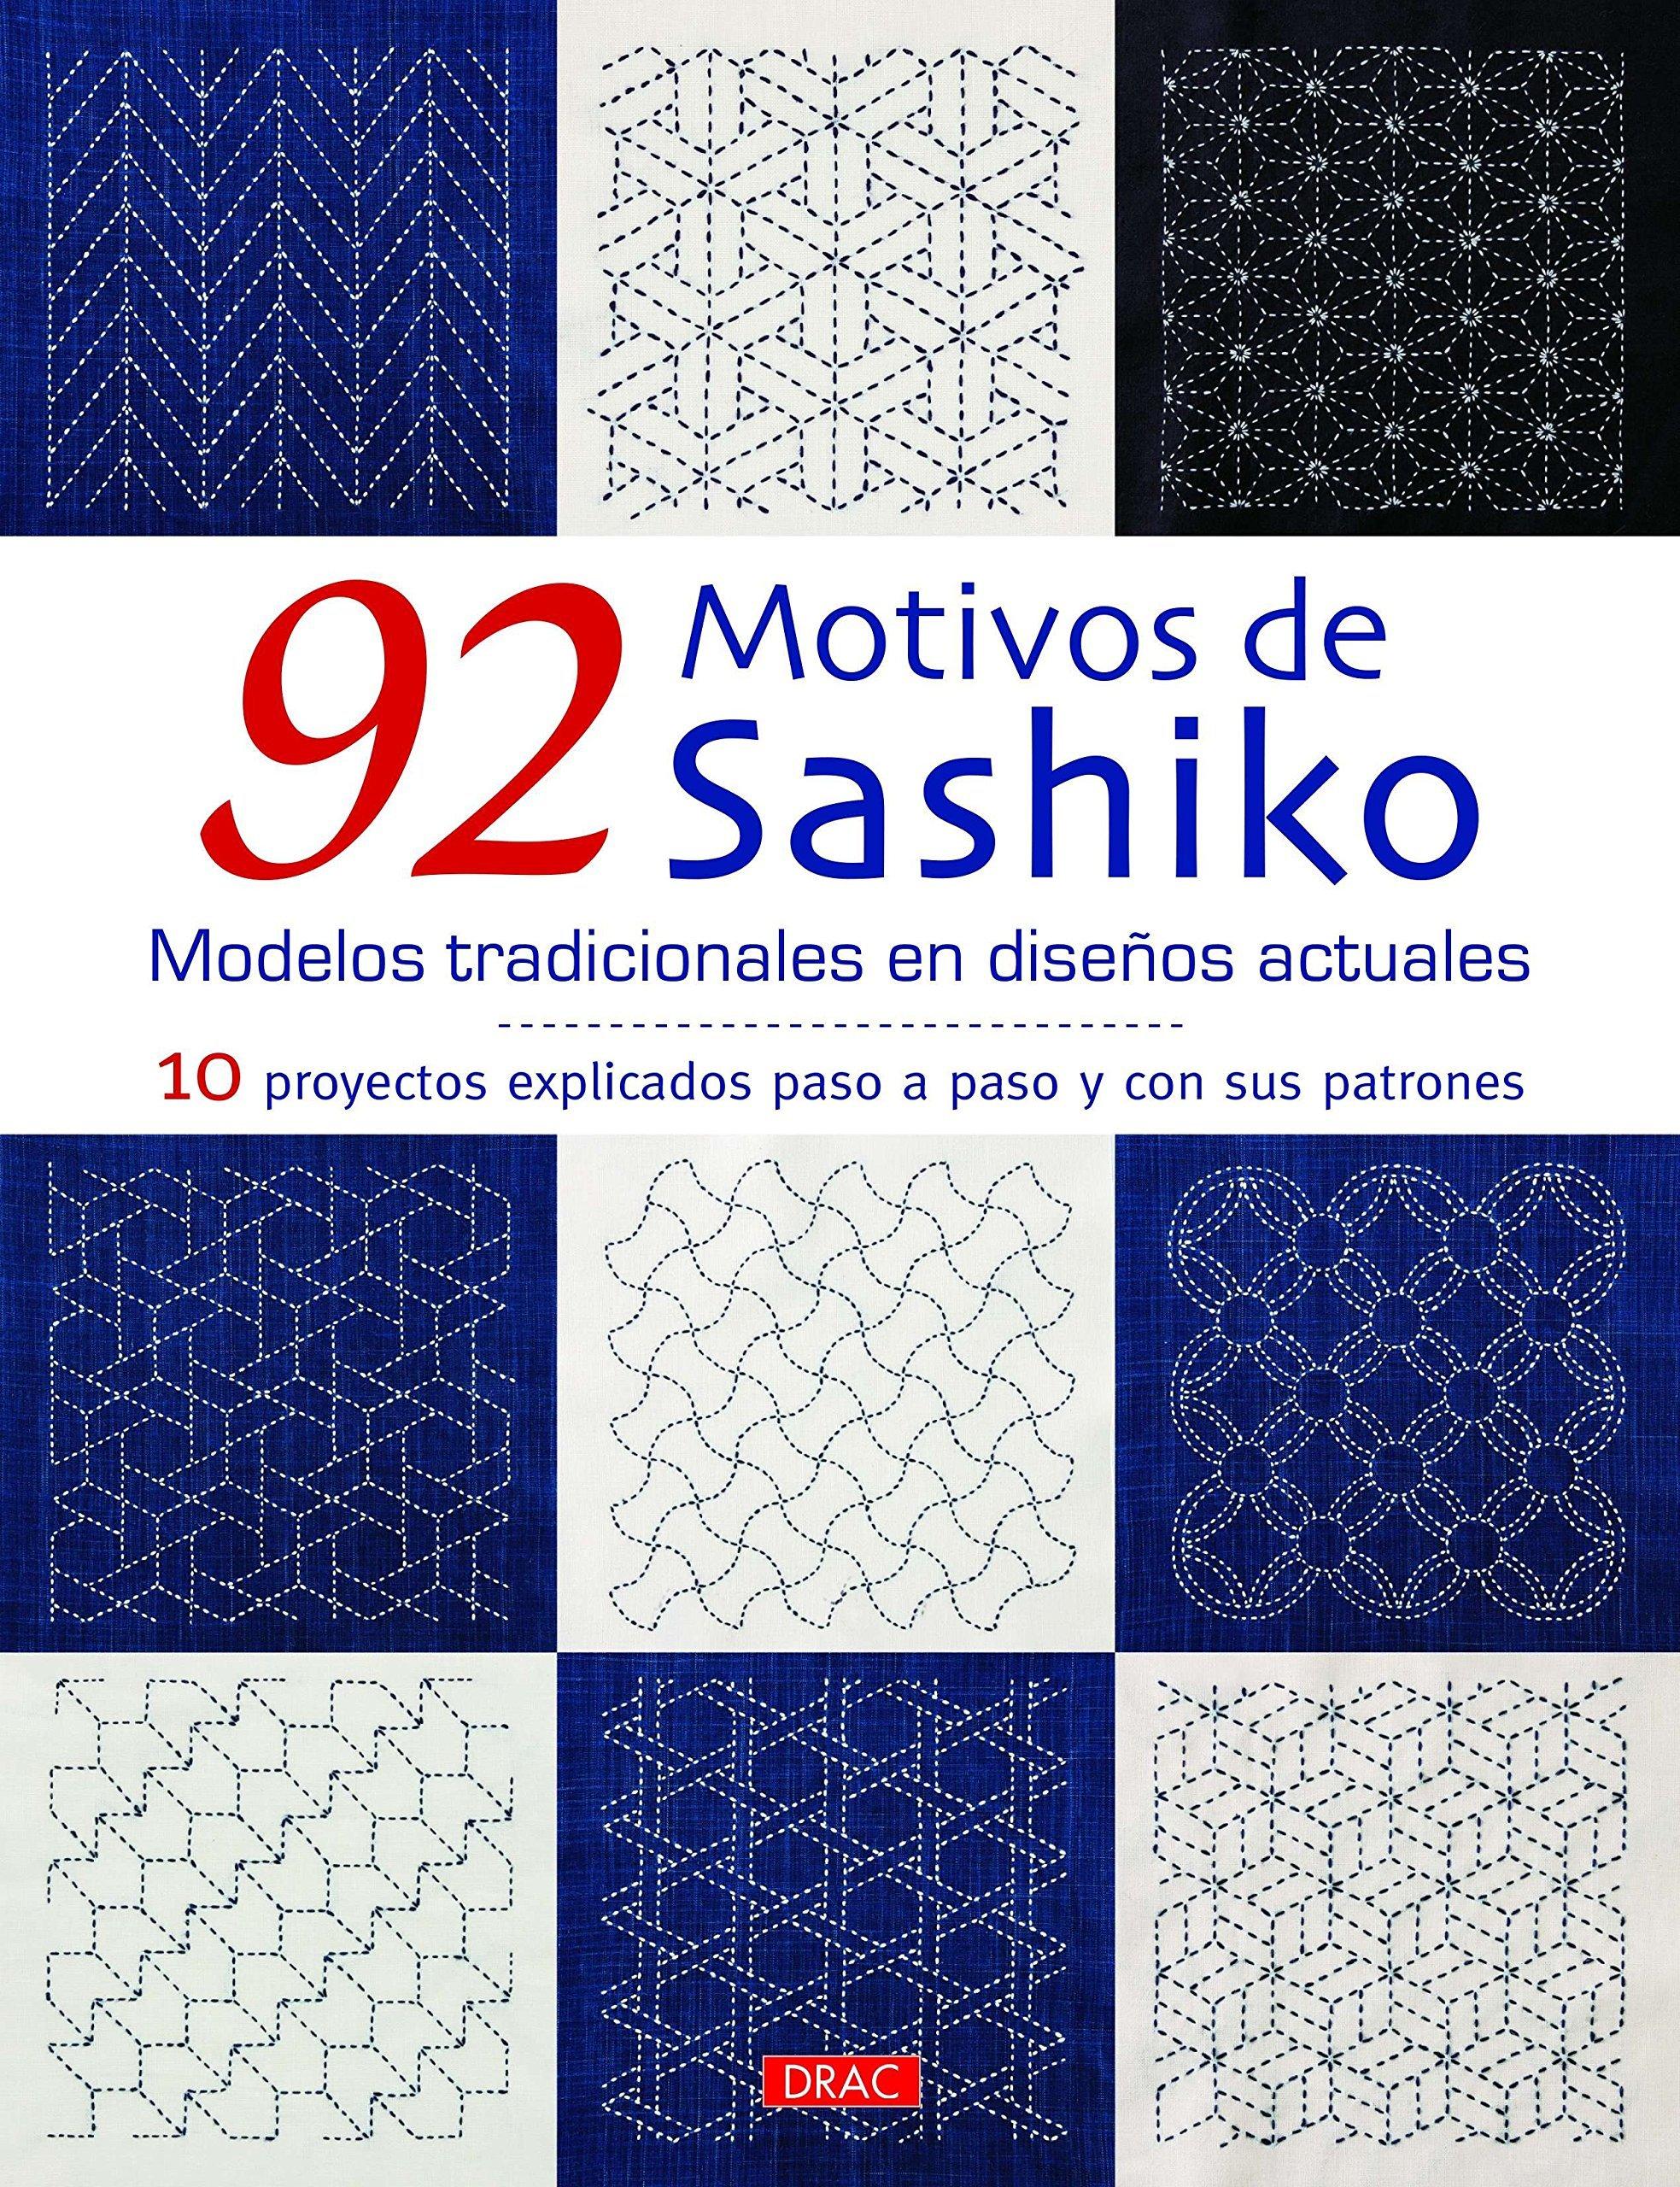 92 MOTIVOS DE SASHIKO. 10 proyectos explicados paso a paso con sus...